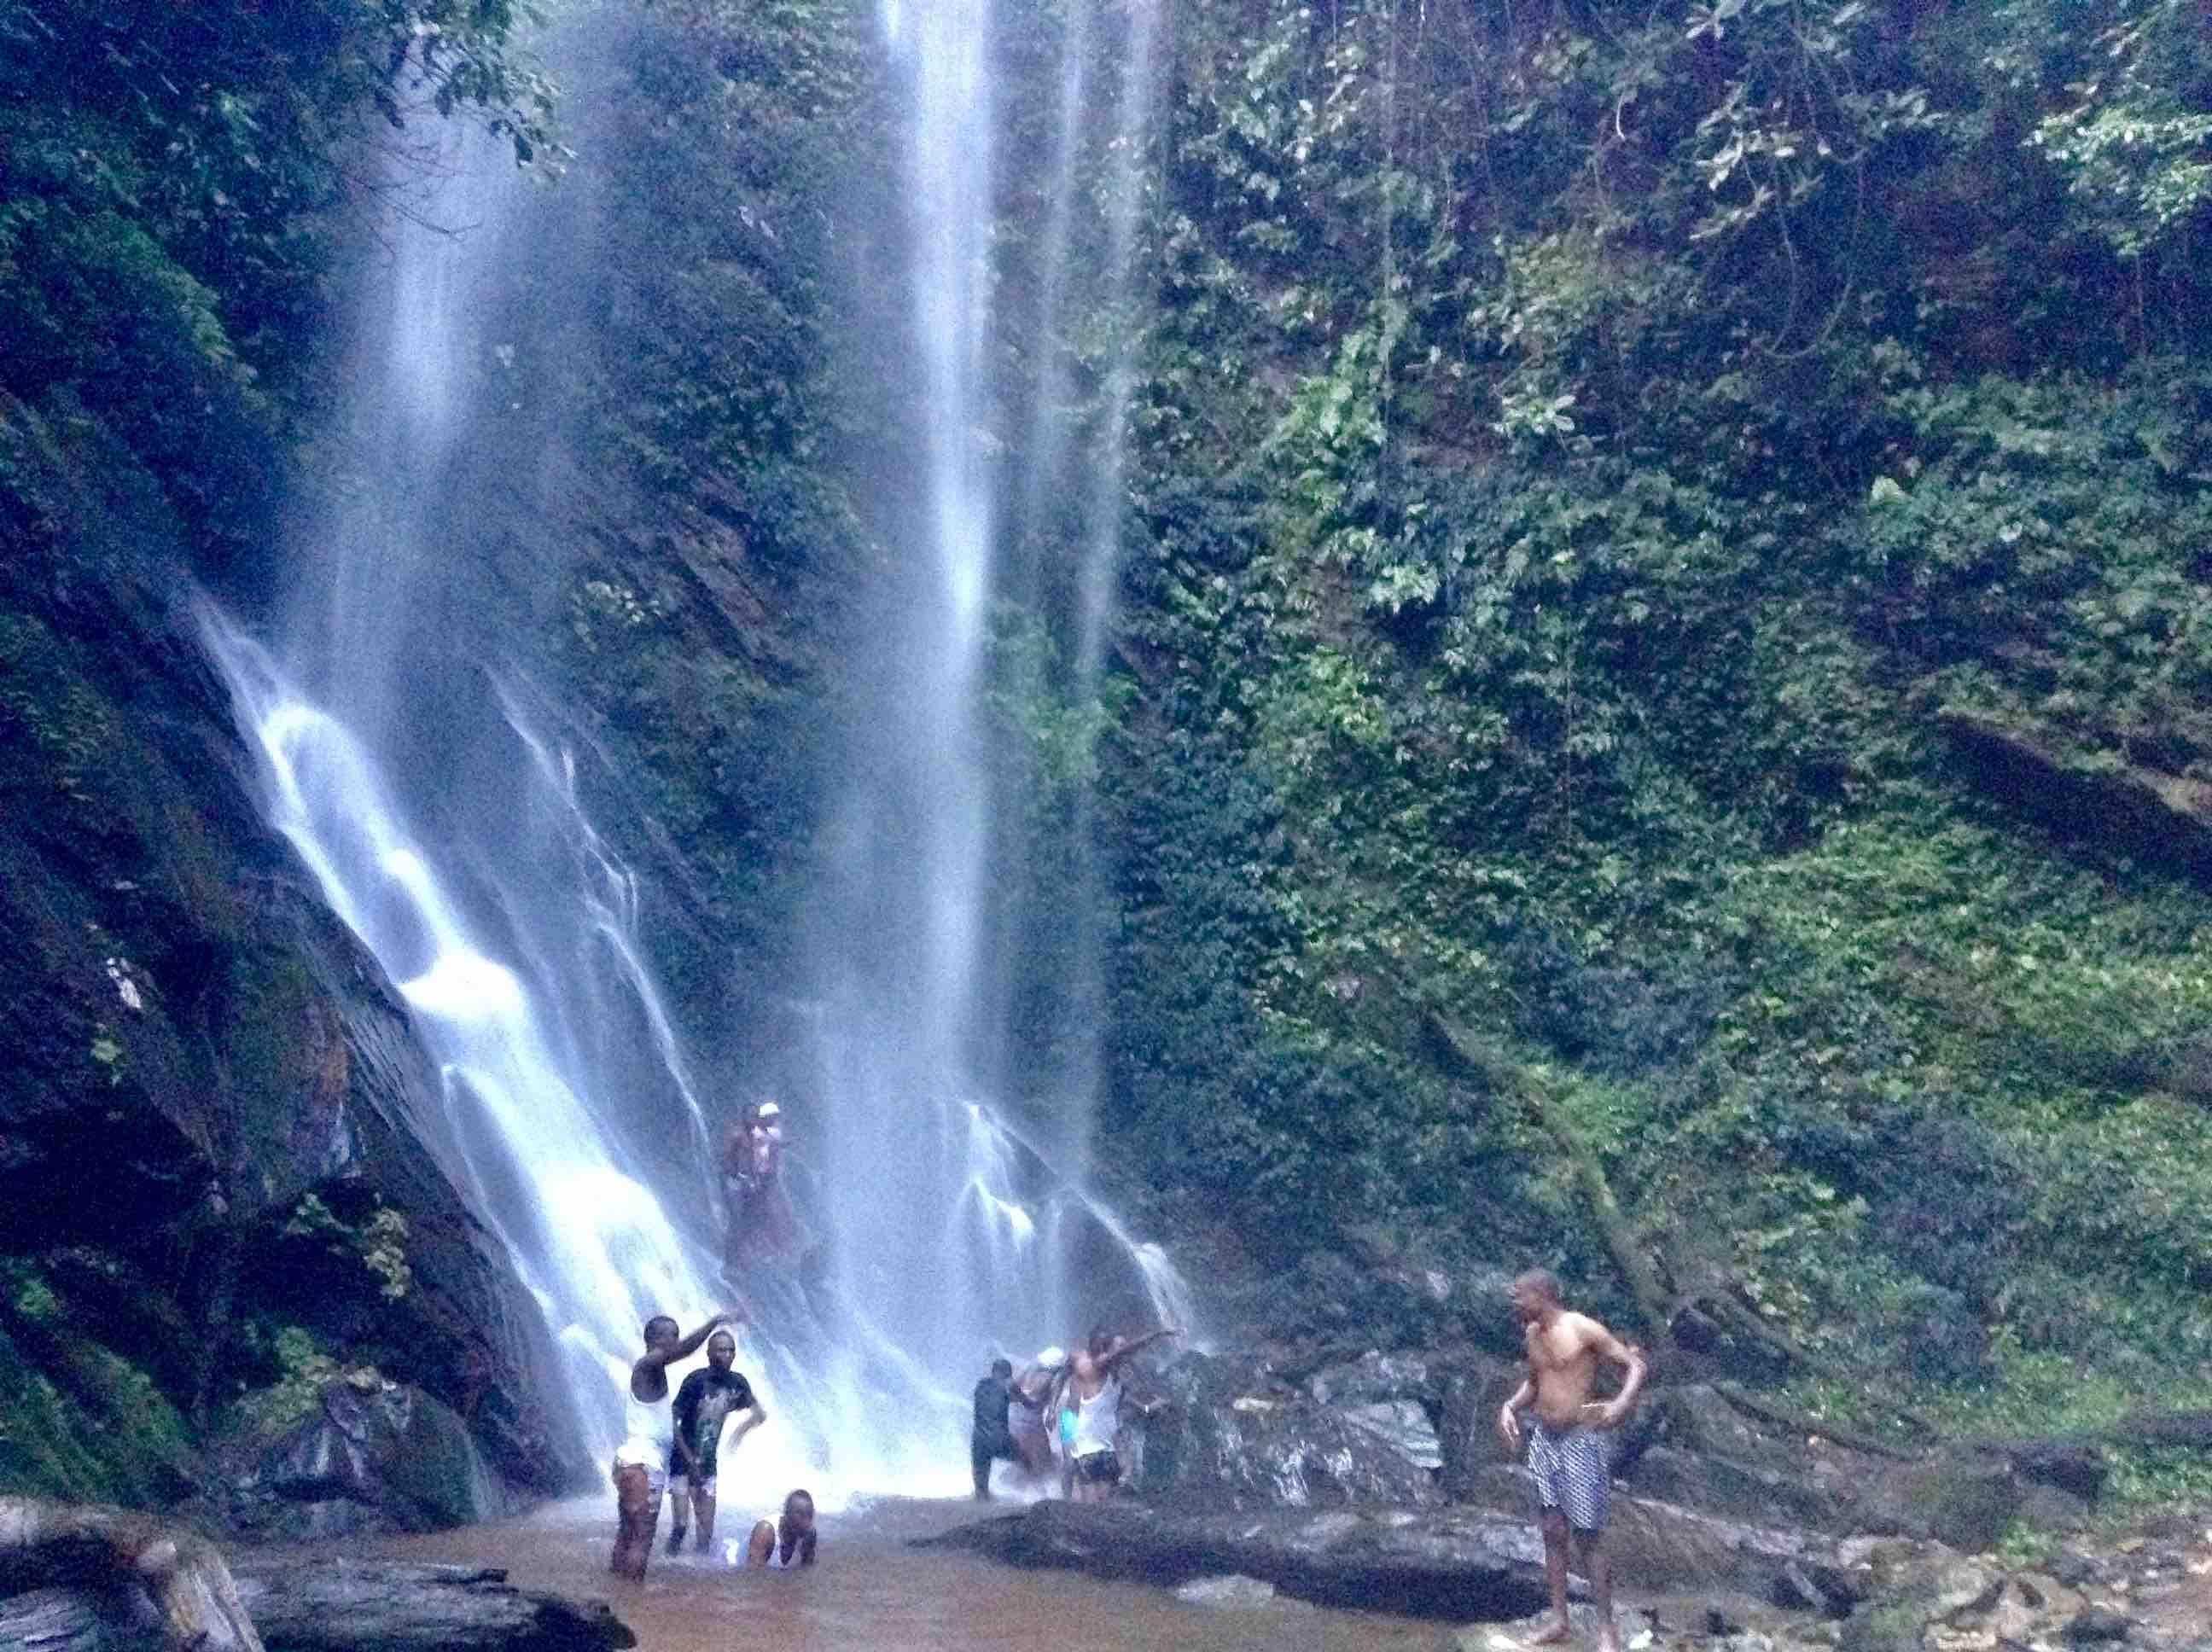 Olumirin Waterfalls, Erin Ijesha, Osun State, Nigeria, #JujuFilms